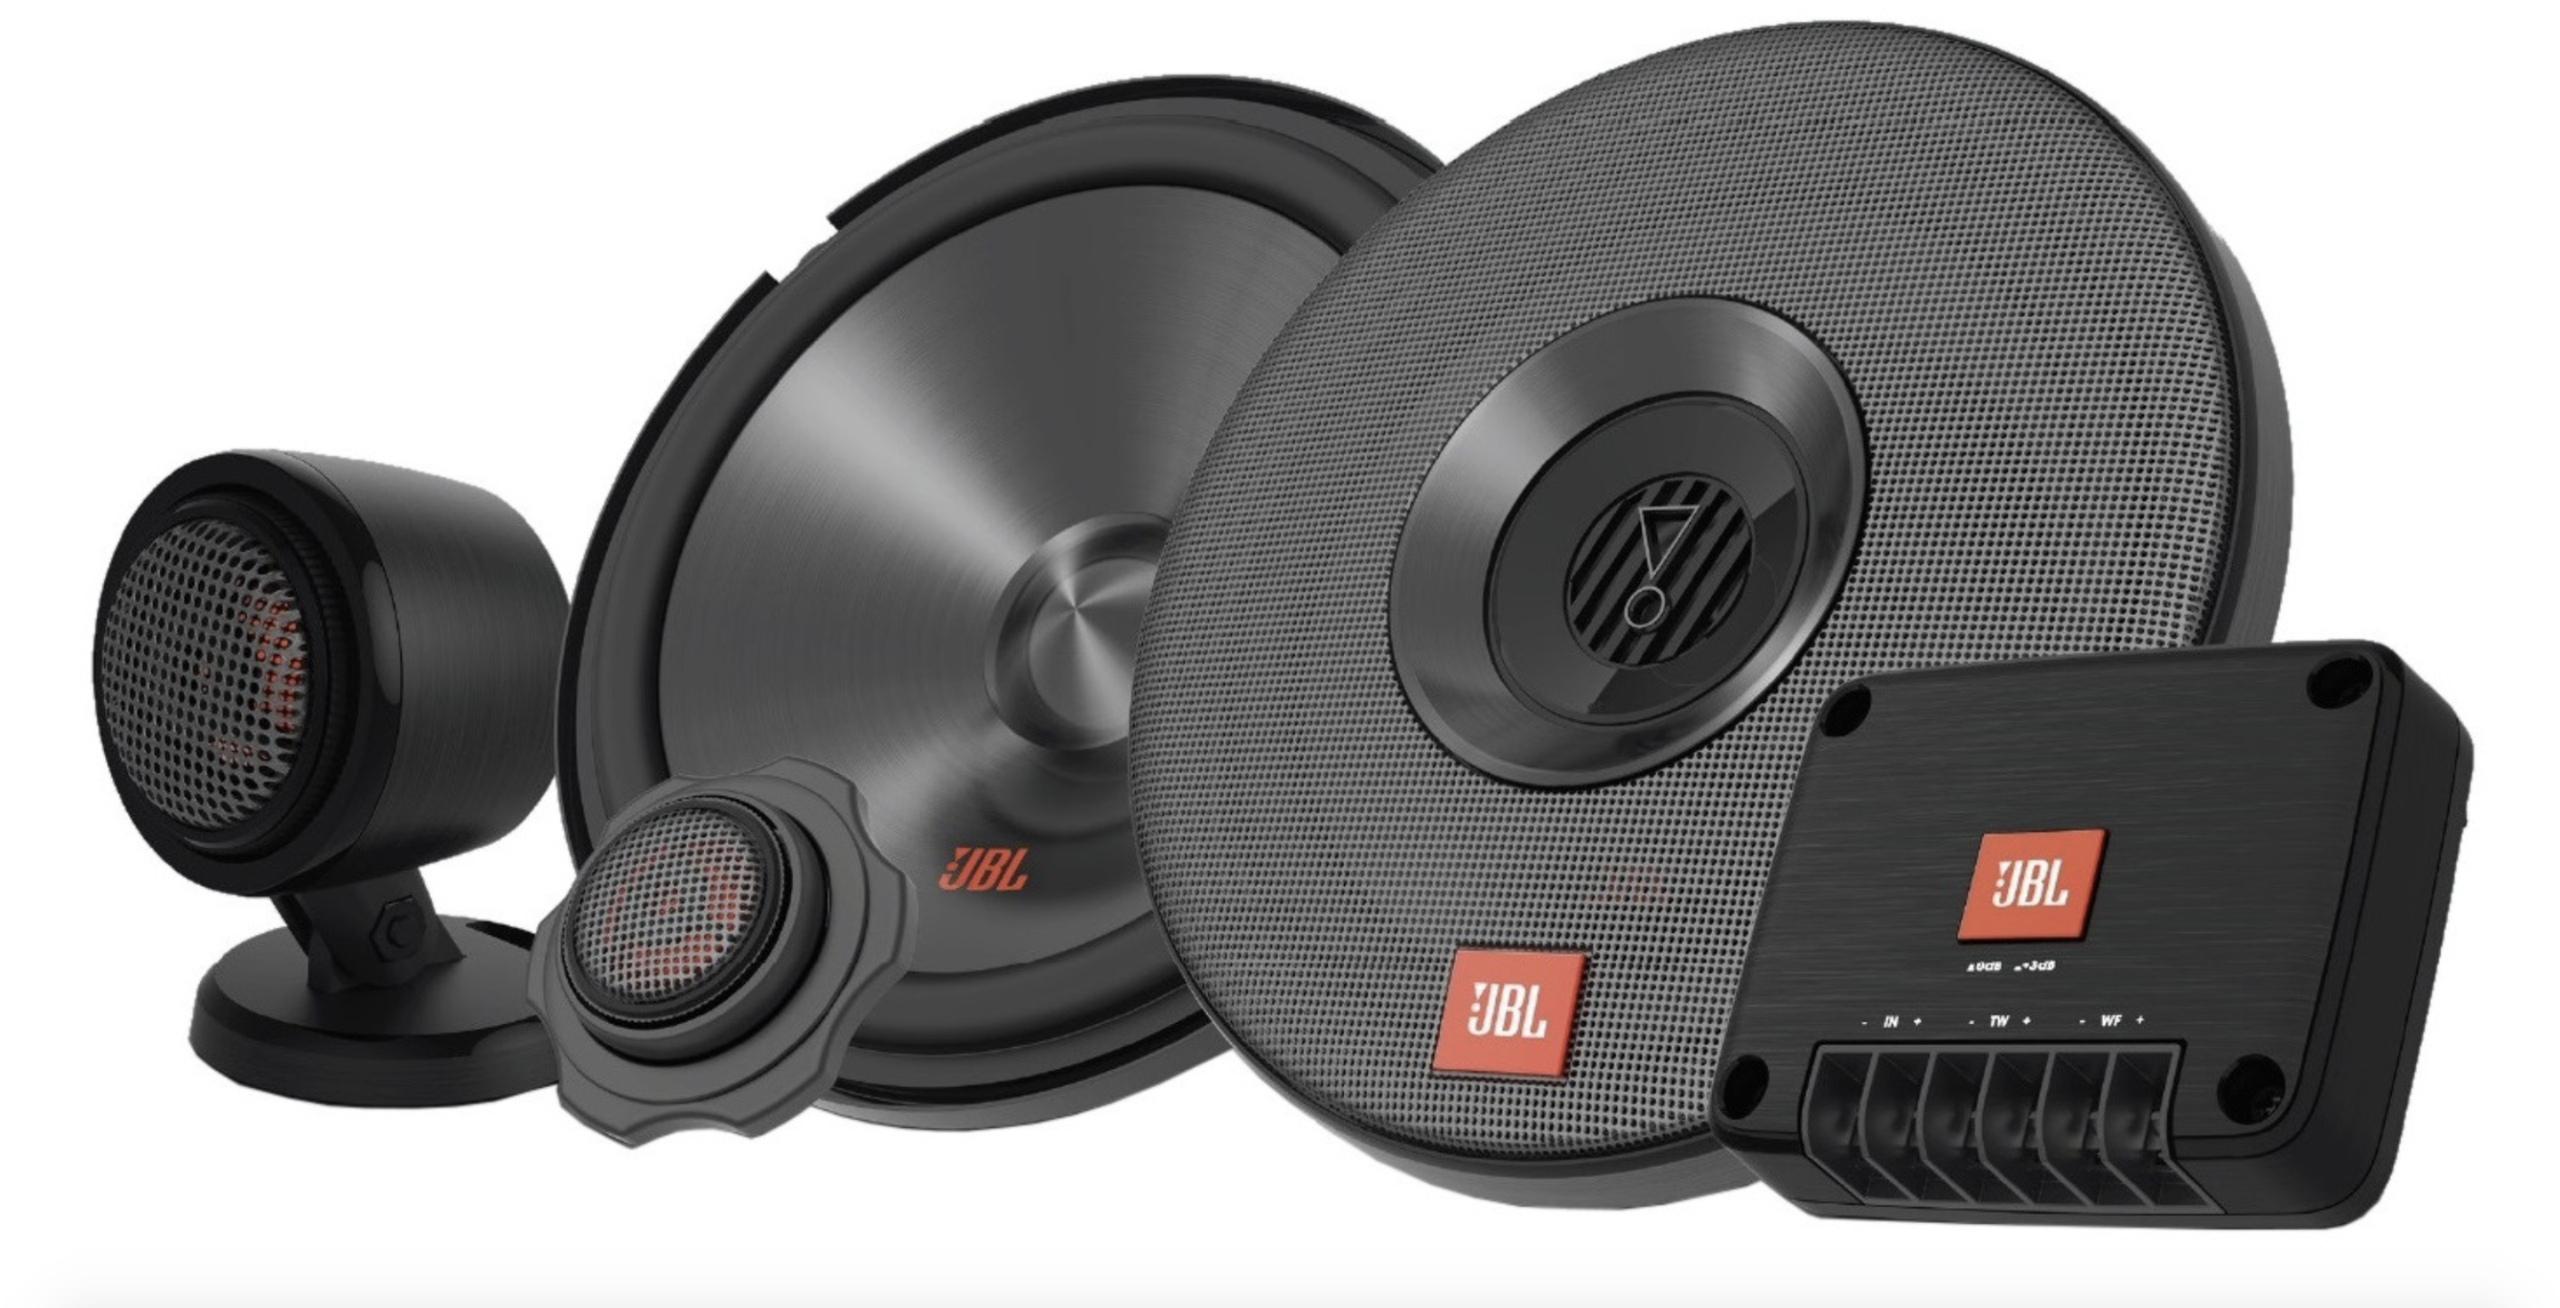 Автомобильная аудиосистема от JBL готовый комплект для установки